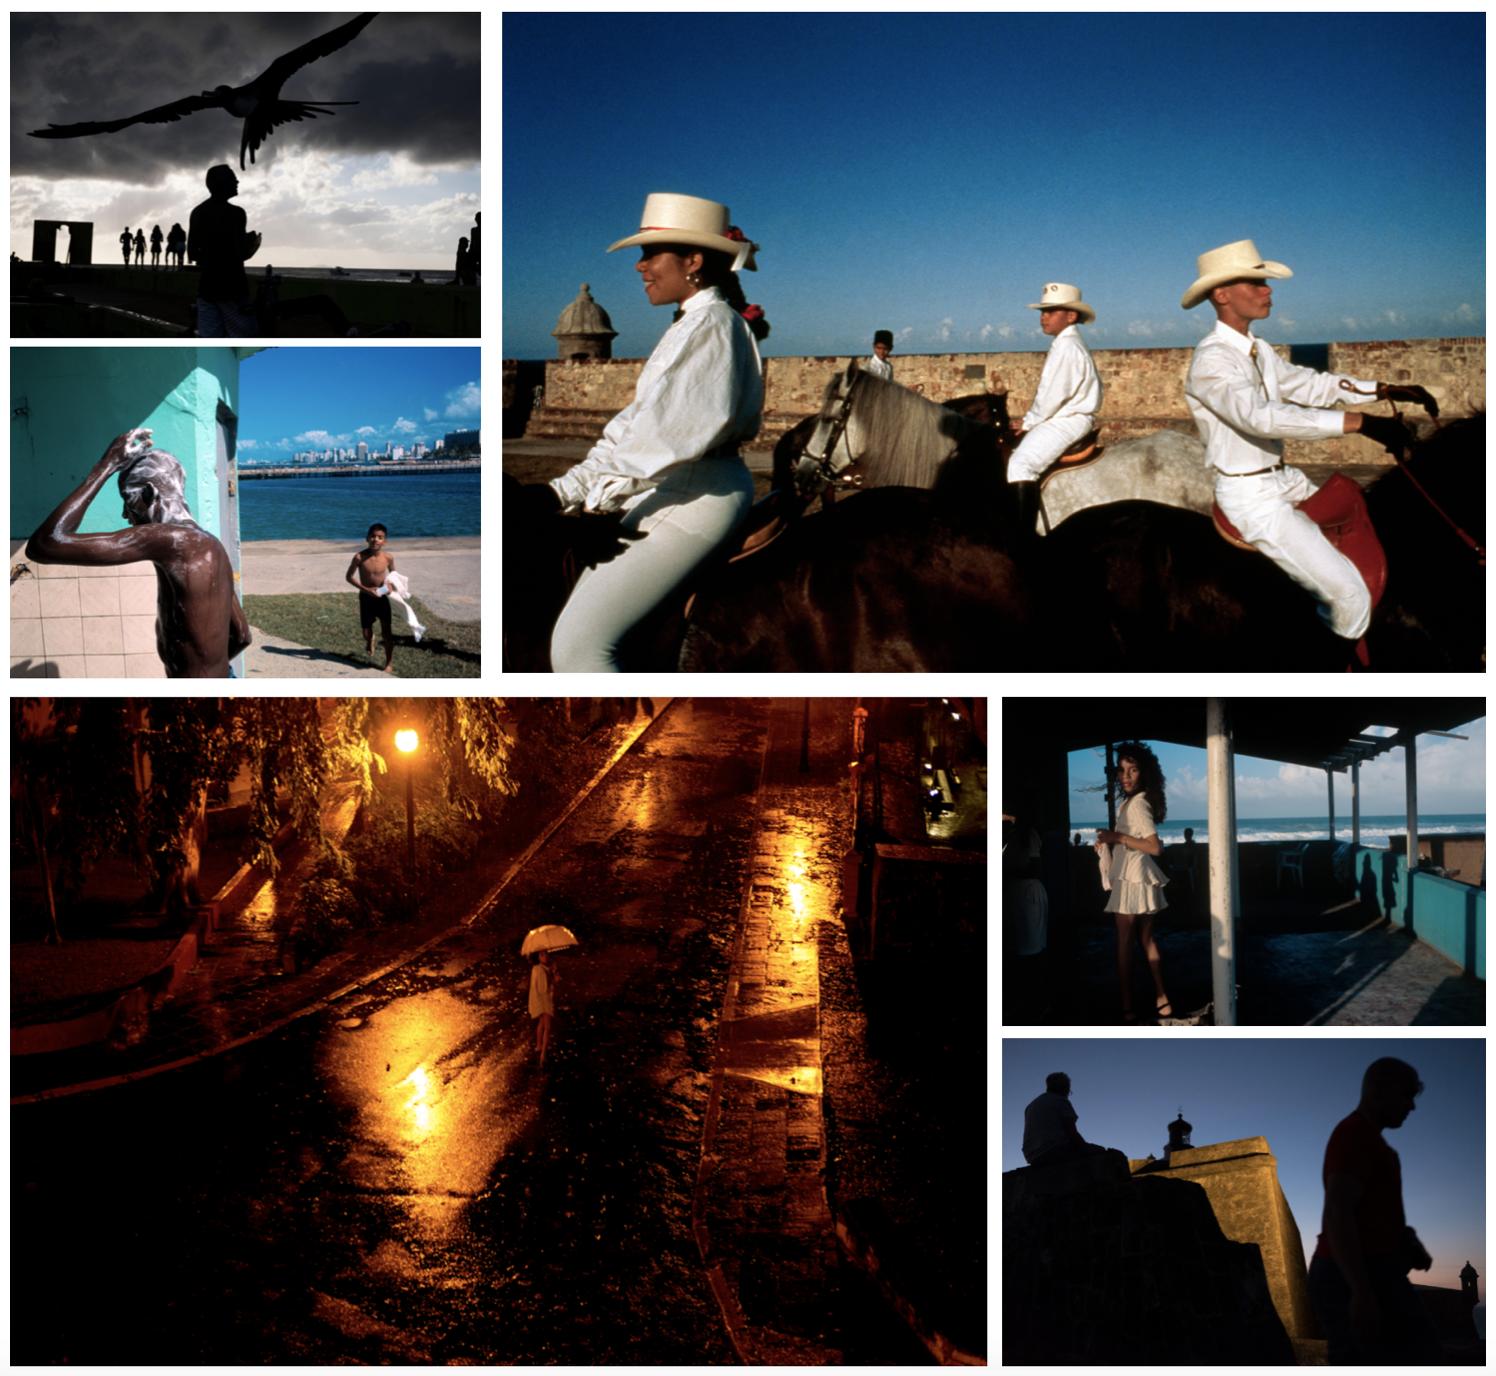 哈維最著名的作品為其在拉丁美洲的照片,照片鮮豔濃厚、構圖複雜精準。(取自哈維個人網頁)